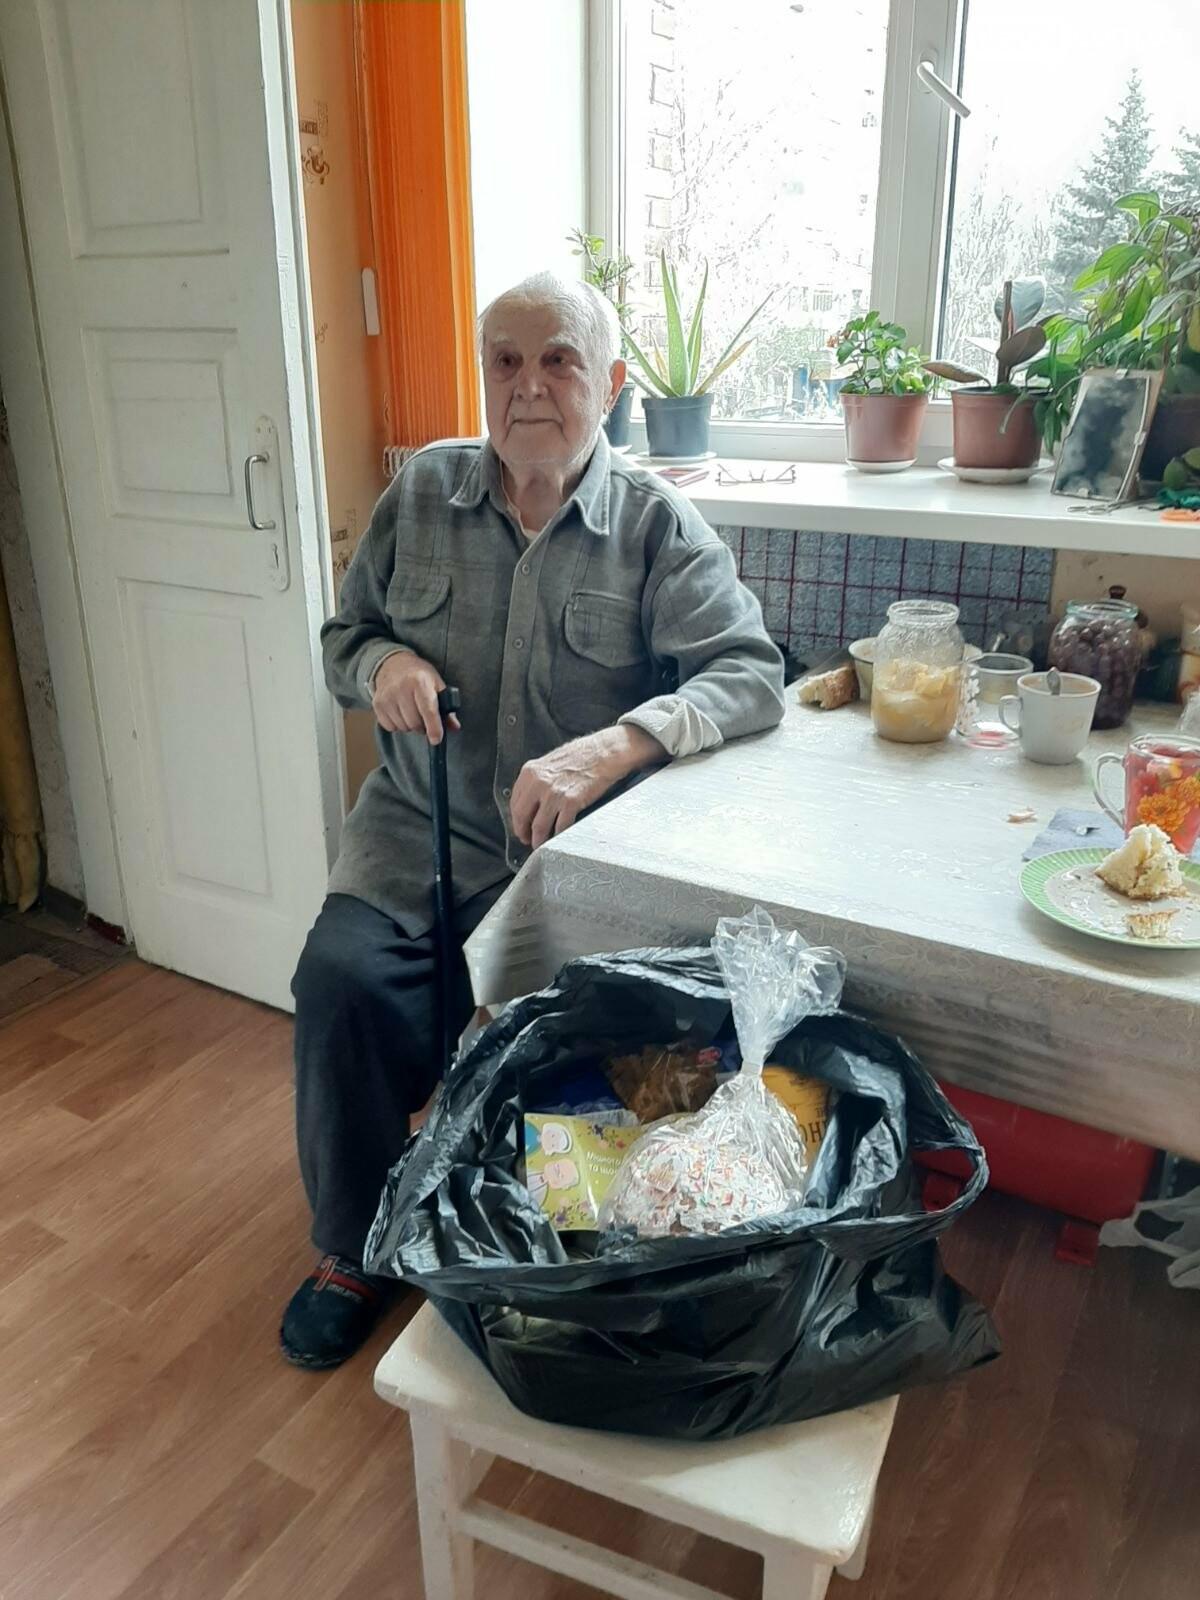 Мэр Бахмута вручил продуктовые наборы социально незащищенным гражданам, фото-1